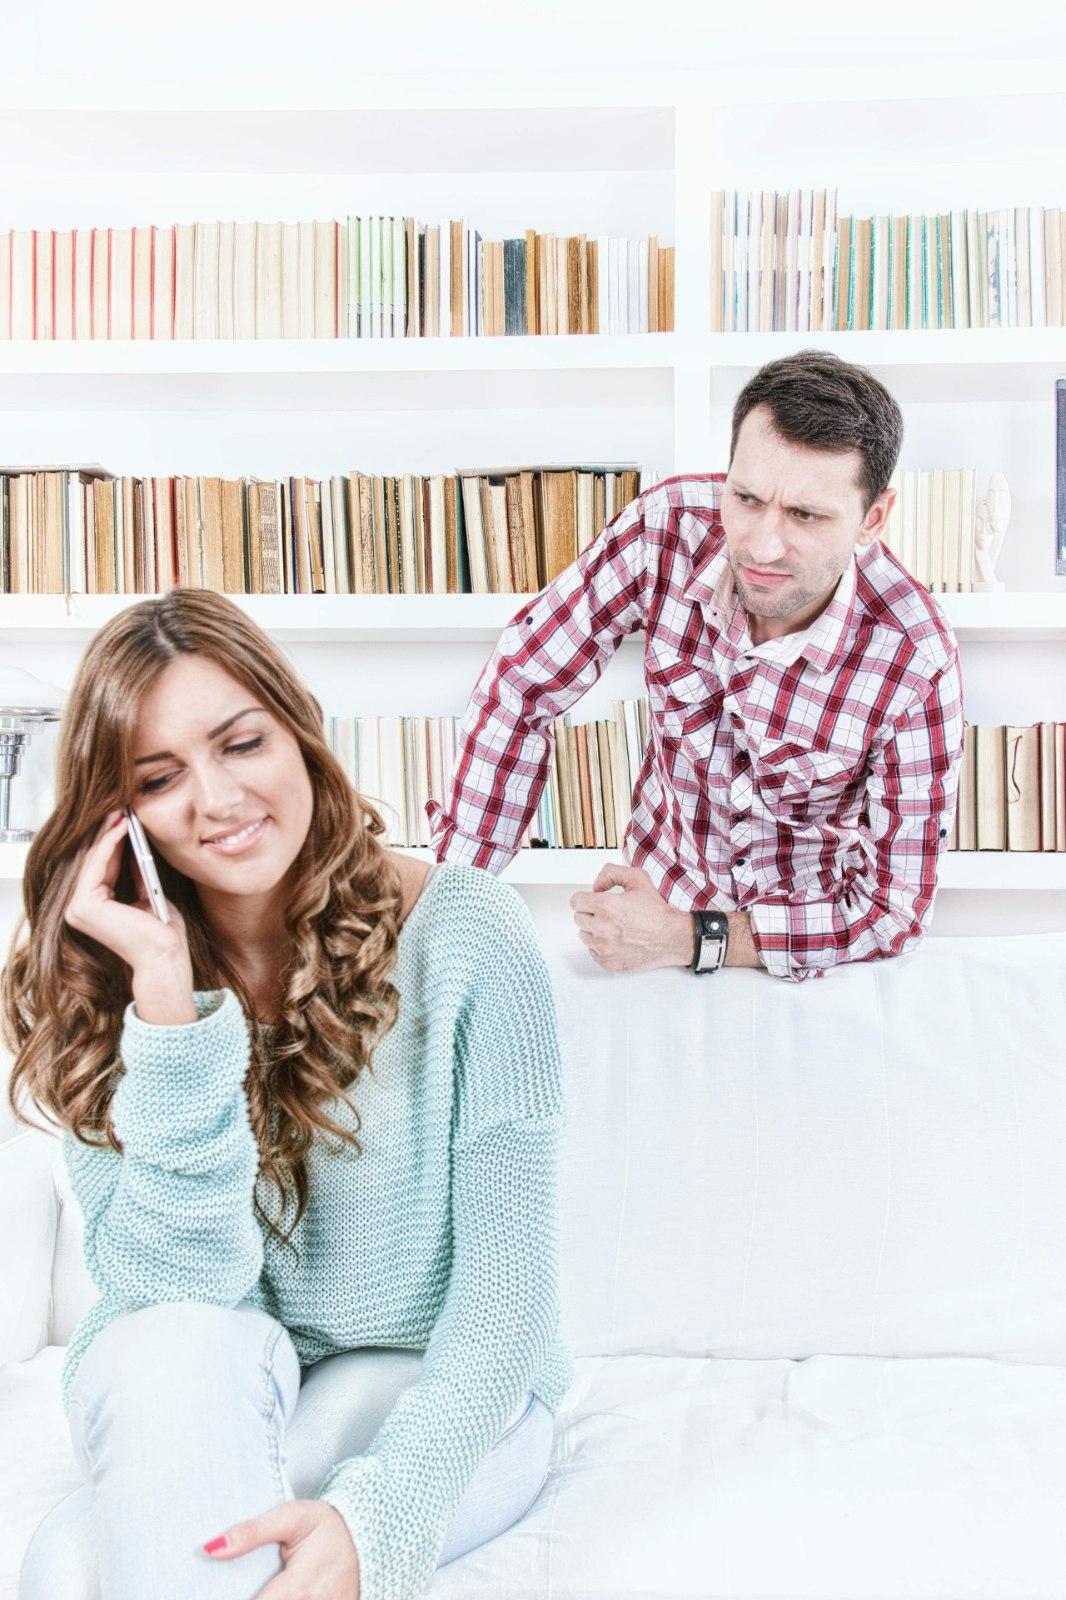 4200830afc9 Lihtne põhjus, miks naised oma mehi petavad! | Õhtuleht